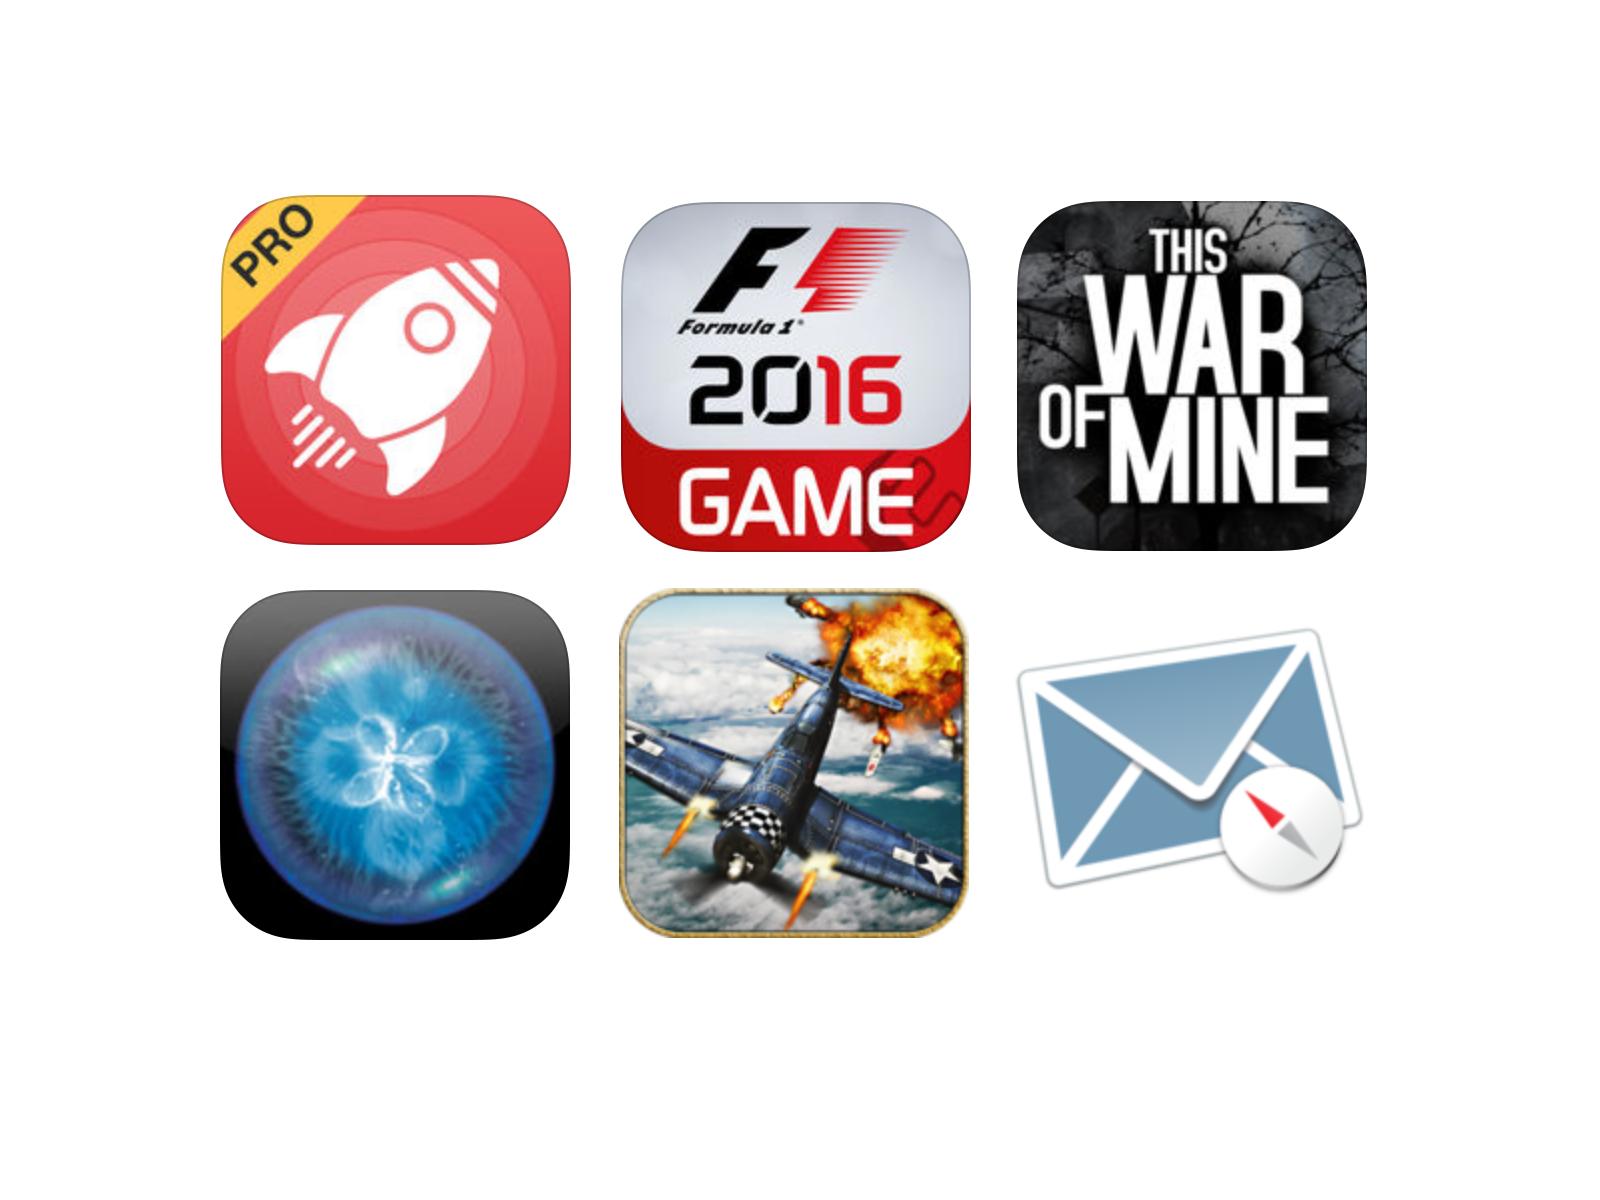 Zlacnené aplikácie pre iPhone/iPad a Mac #11 týždeň  https://www.macblog.sk/2017/zlacnene-aplikacie-pre-iphoneipad-mac-11-tyzden